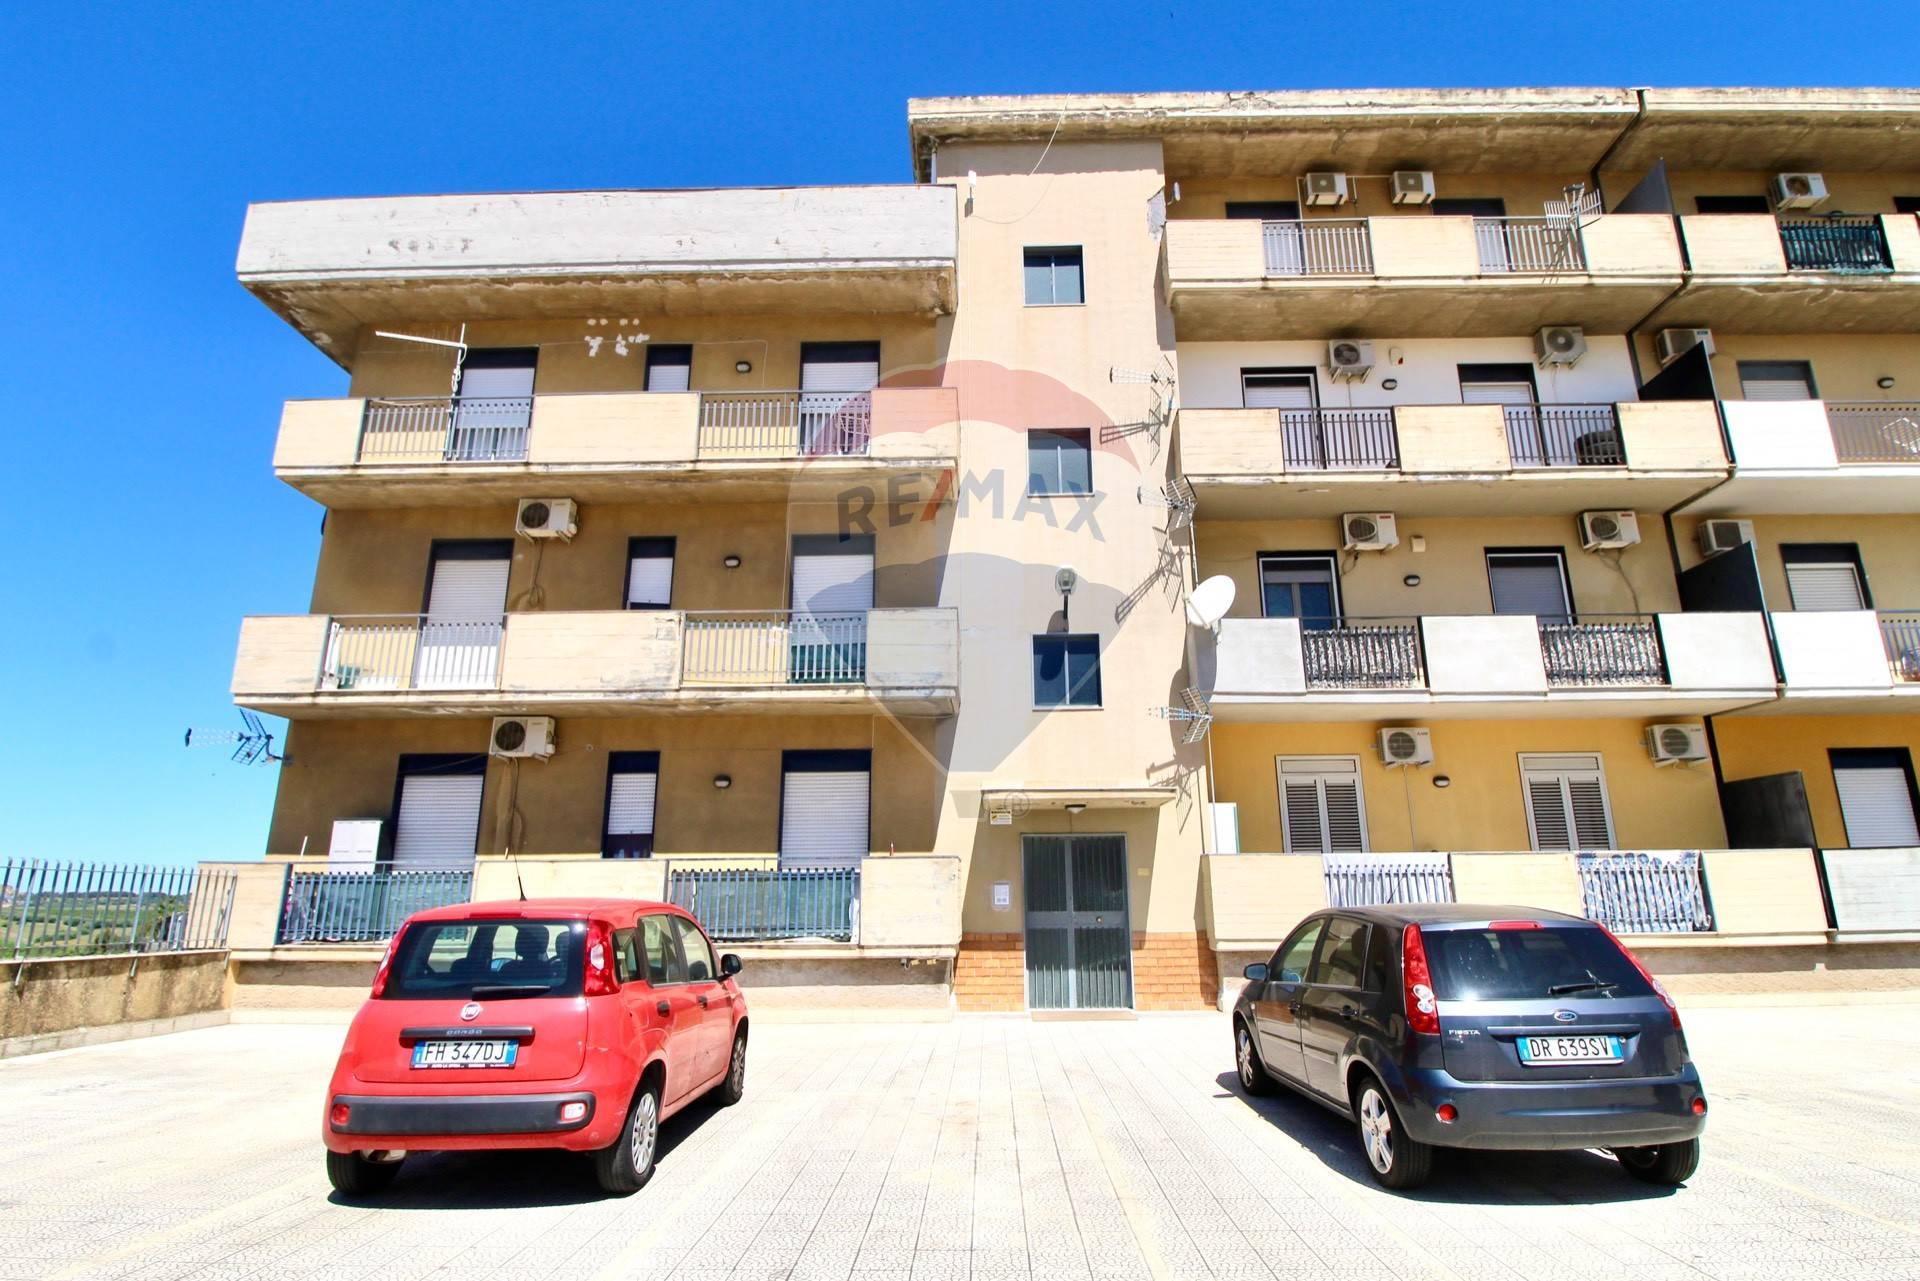 Appartamento in vendita a Belpasso, 2 locali, prezzo € 50.000 | CambioCasa.it